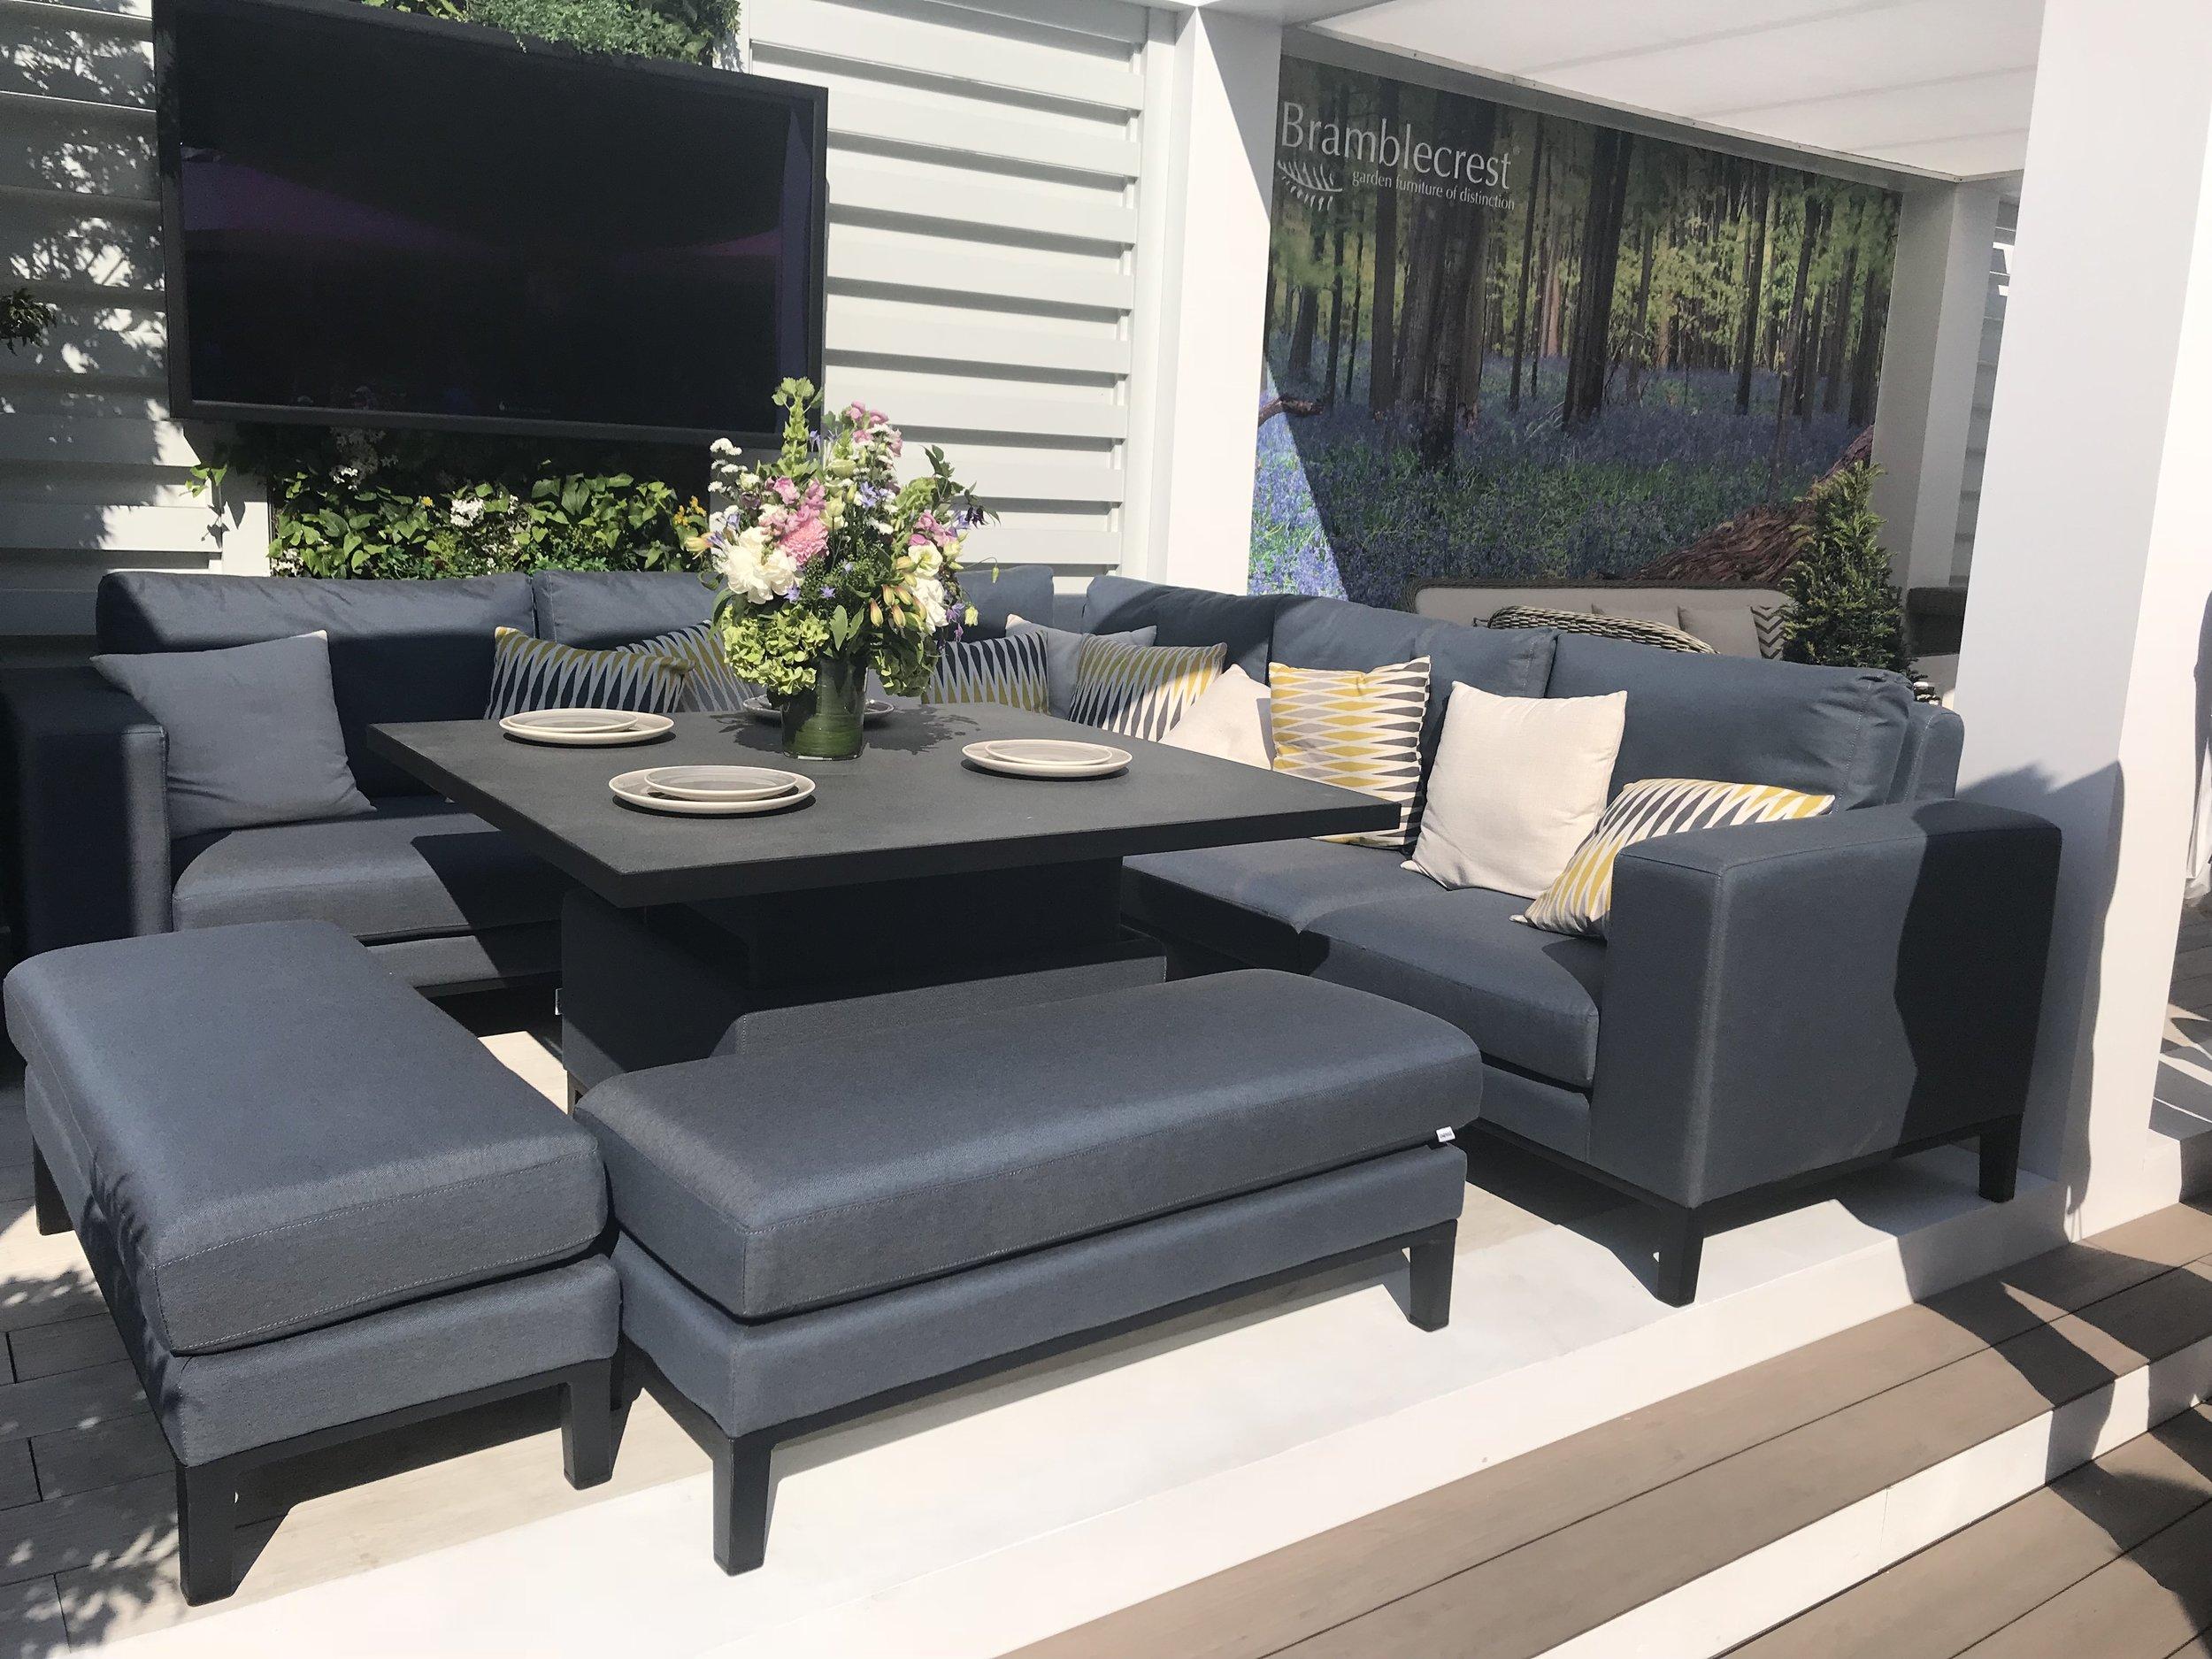 Indigo Range Outdoor Fabric Patio Furniture From Bramblecrest. Image: Lorraine Young/ Verve Garden Design